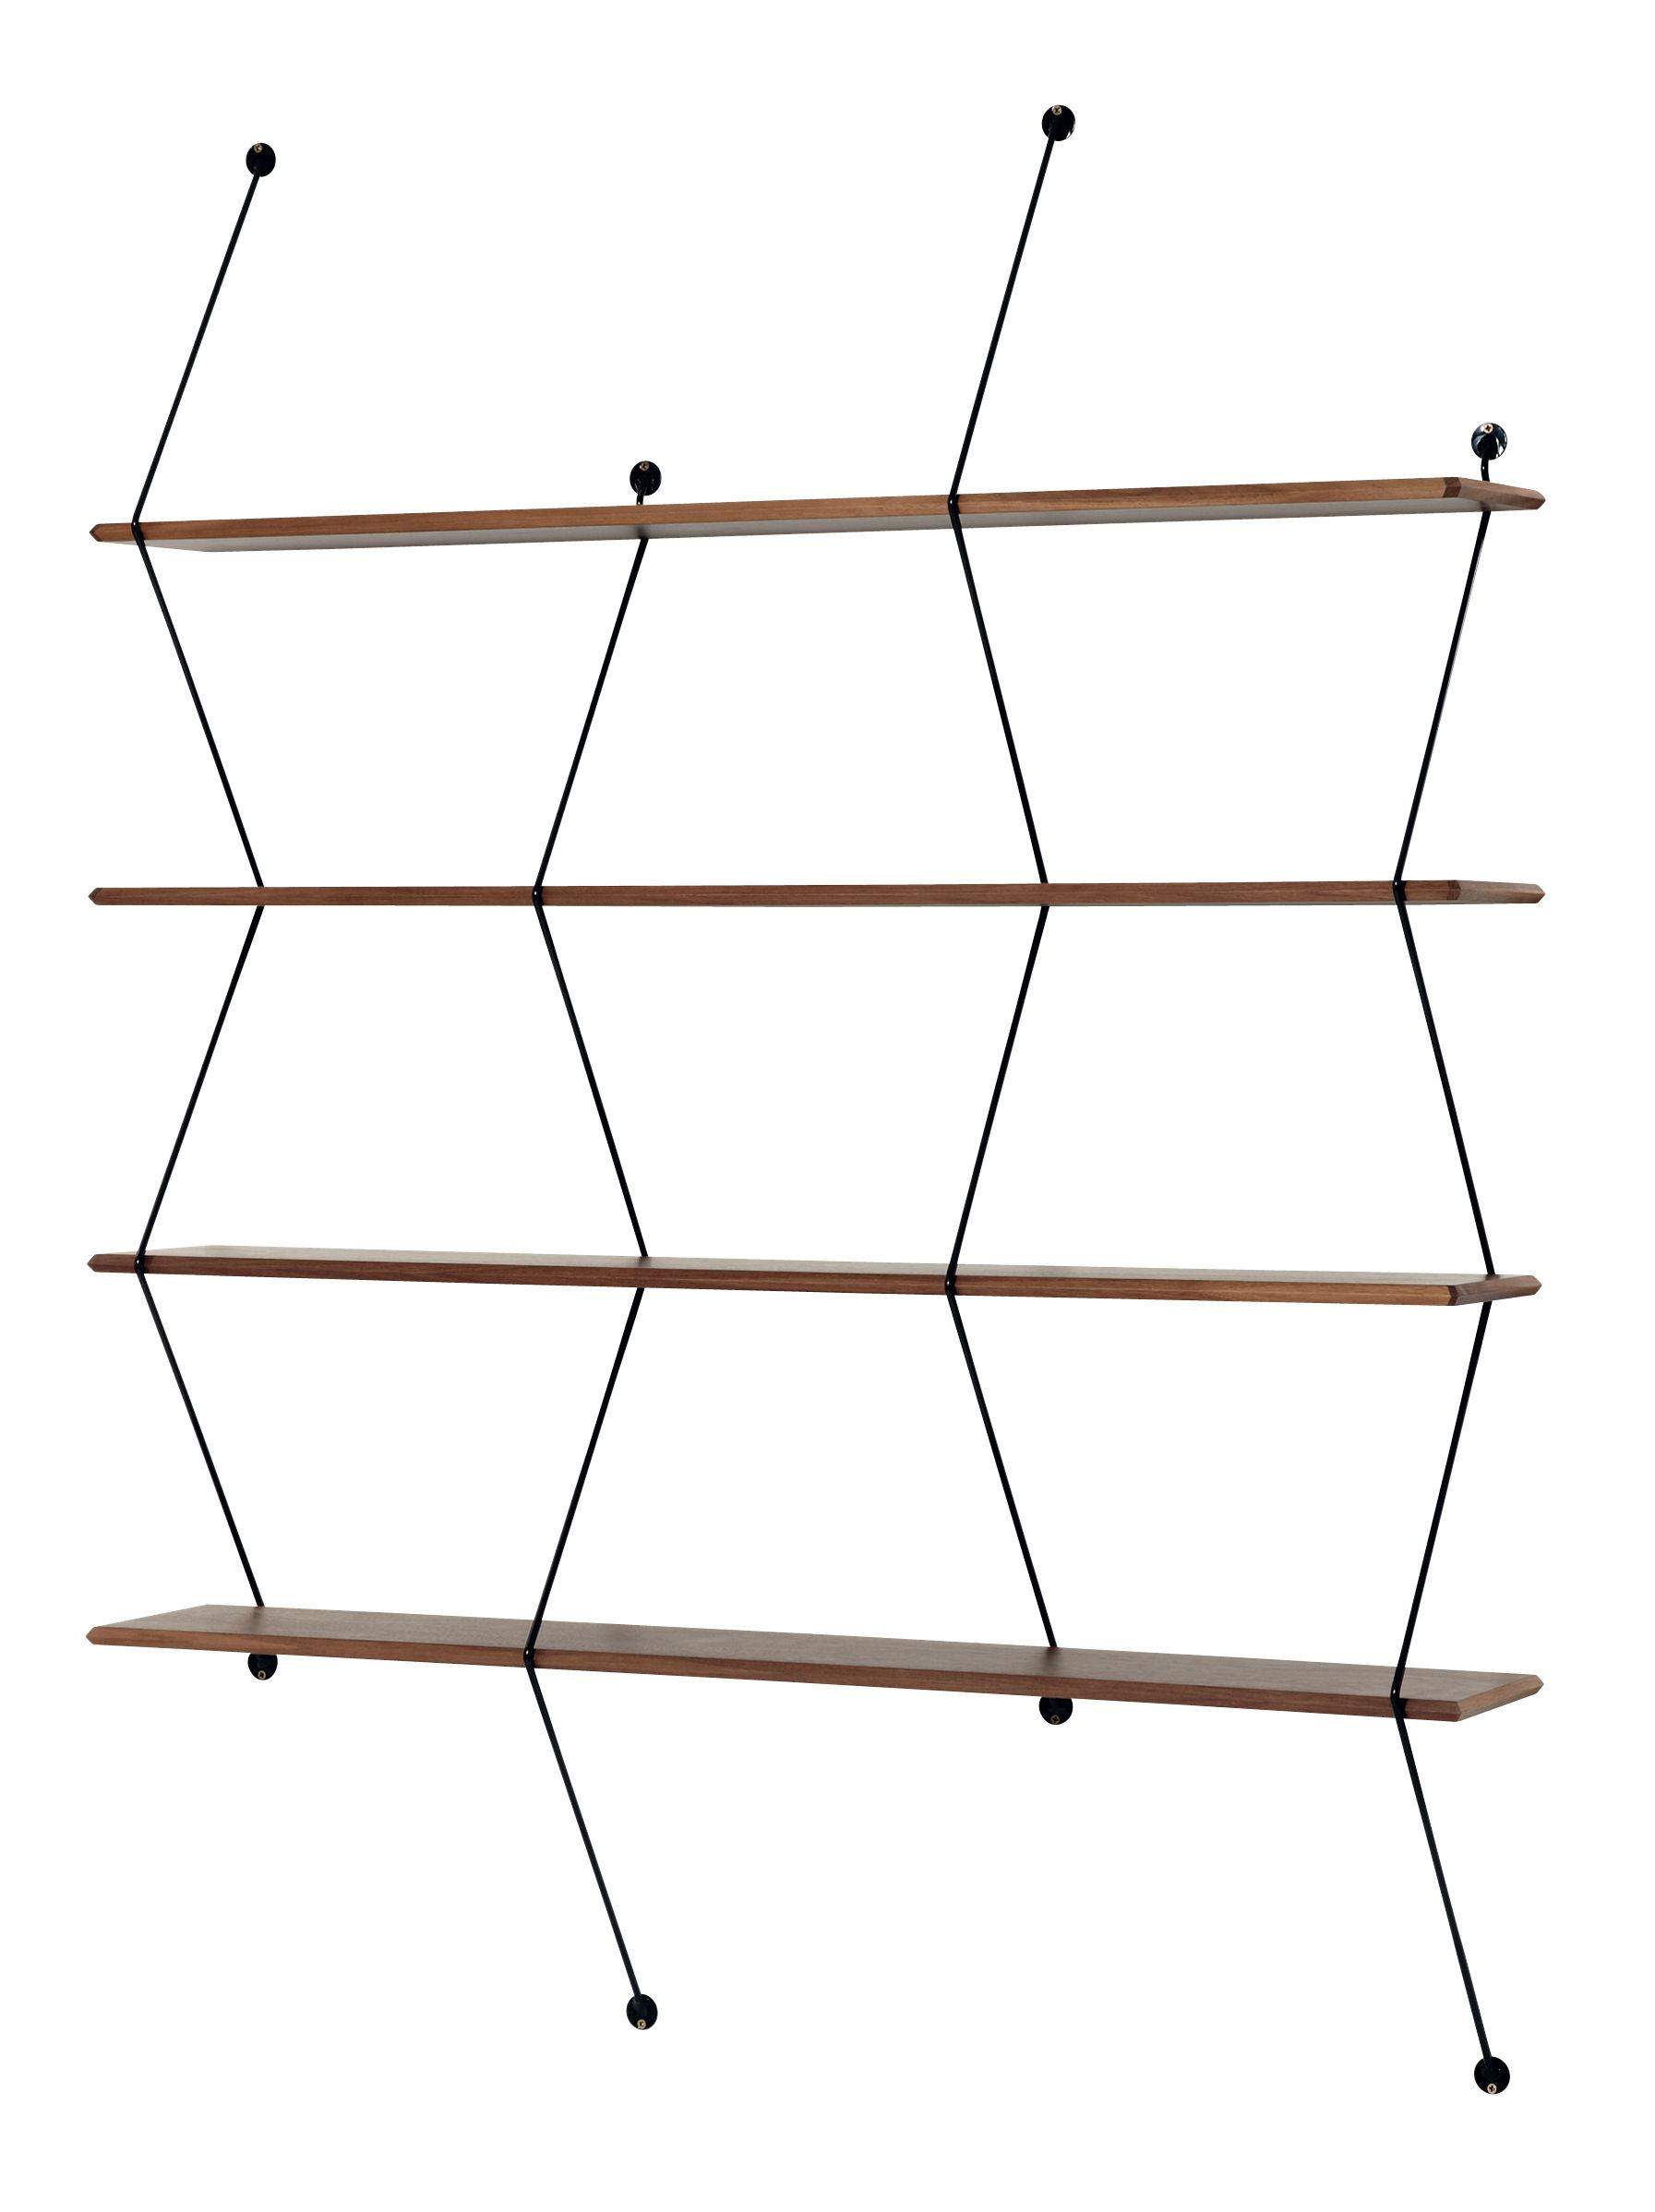 Arredamento - Scaffali e librerie - Scaffale Climb - / L 120 x H 155 cm di La Chance - Noce / Montanti neri - Metallo, Noce massello